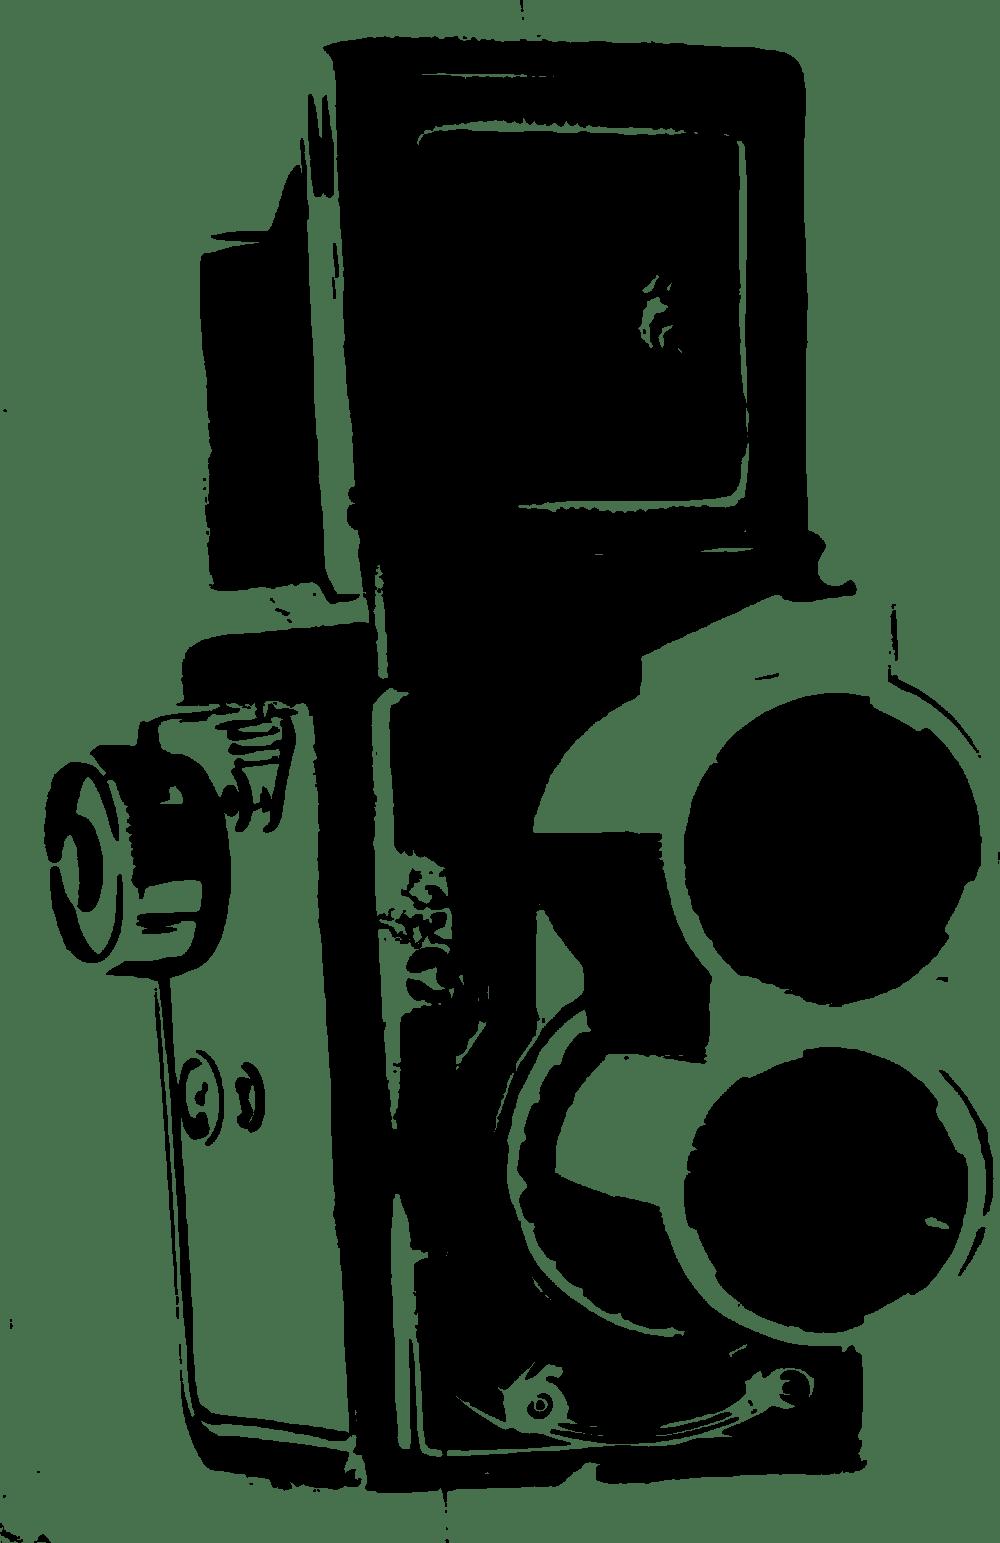 medium resolution of 1555x2400 photographer clipart camera vector frames illustrations hd